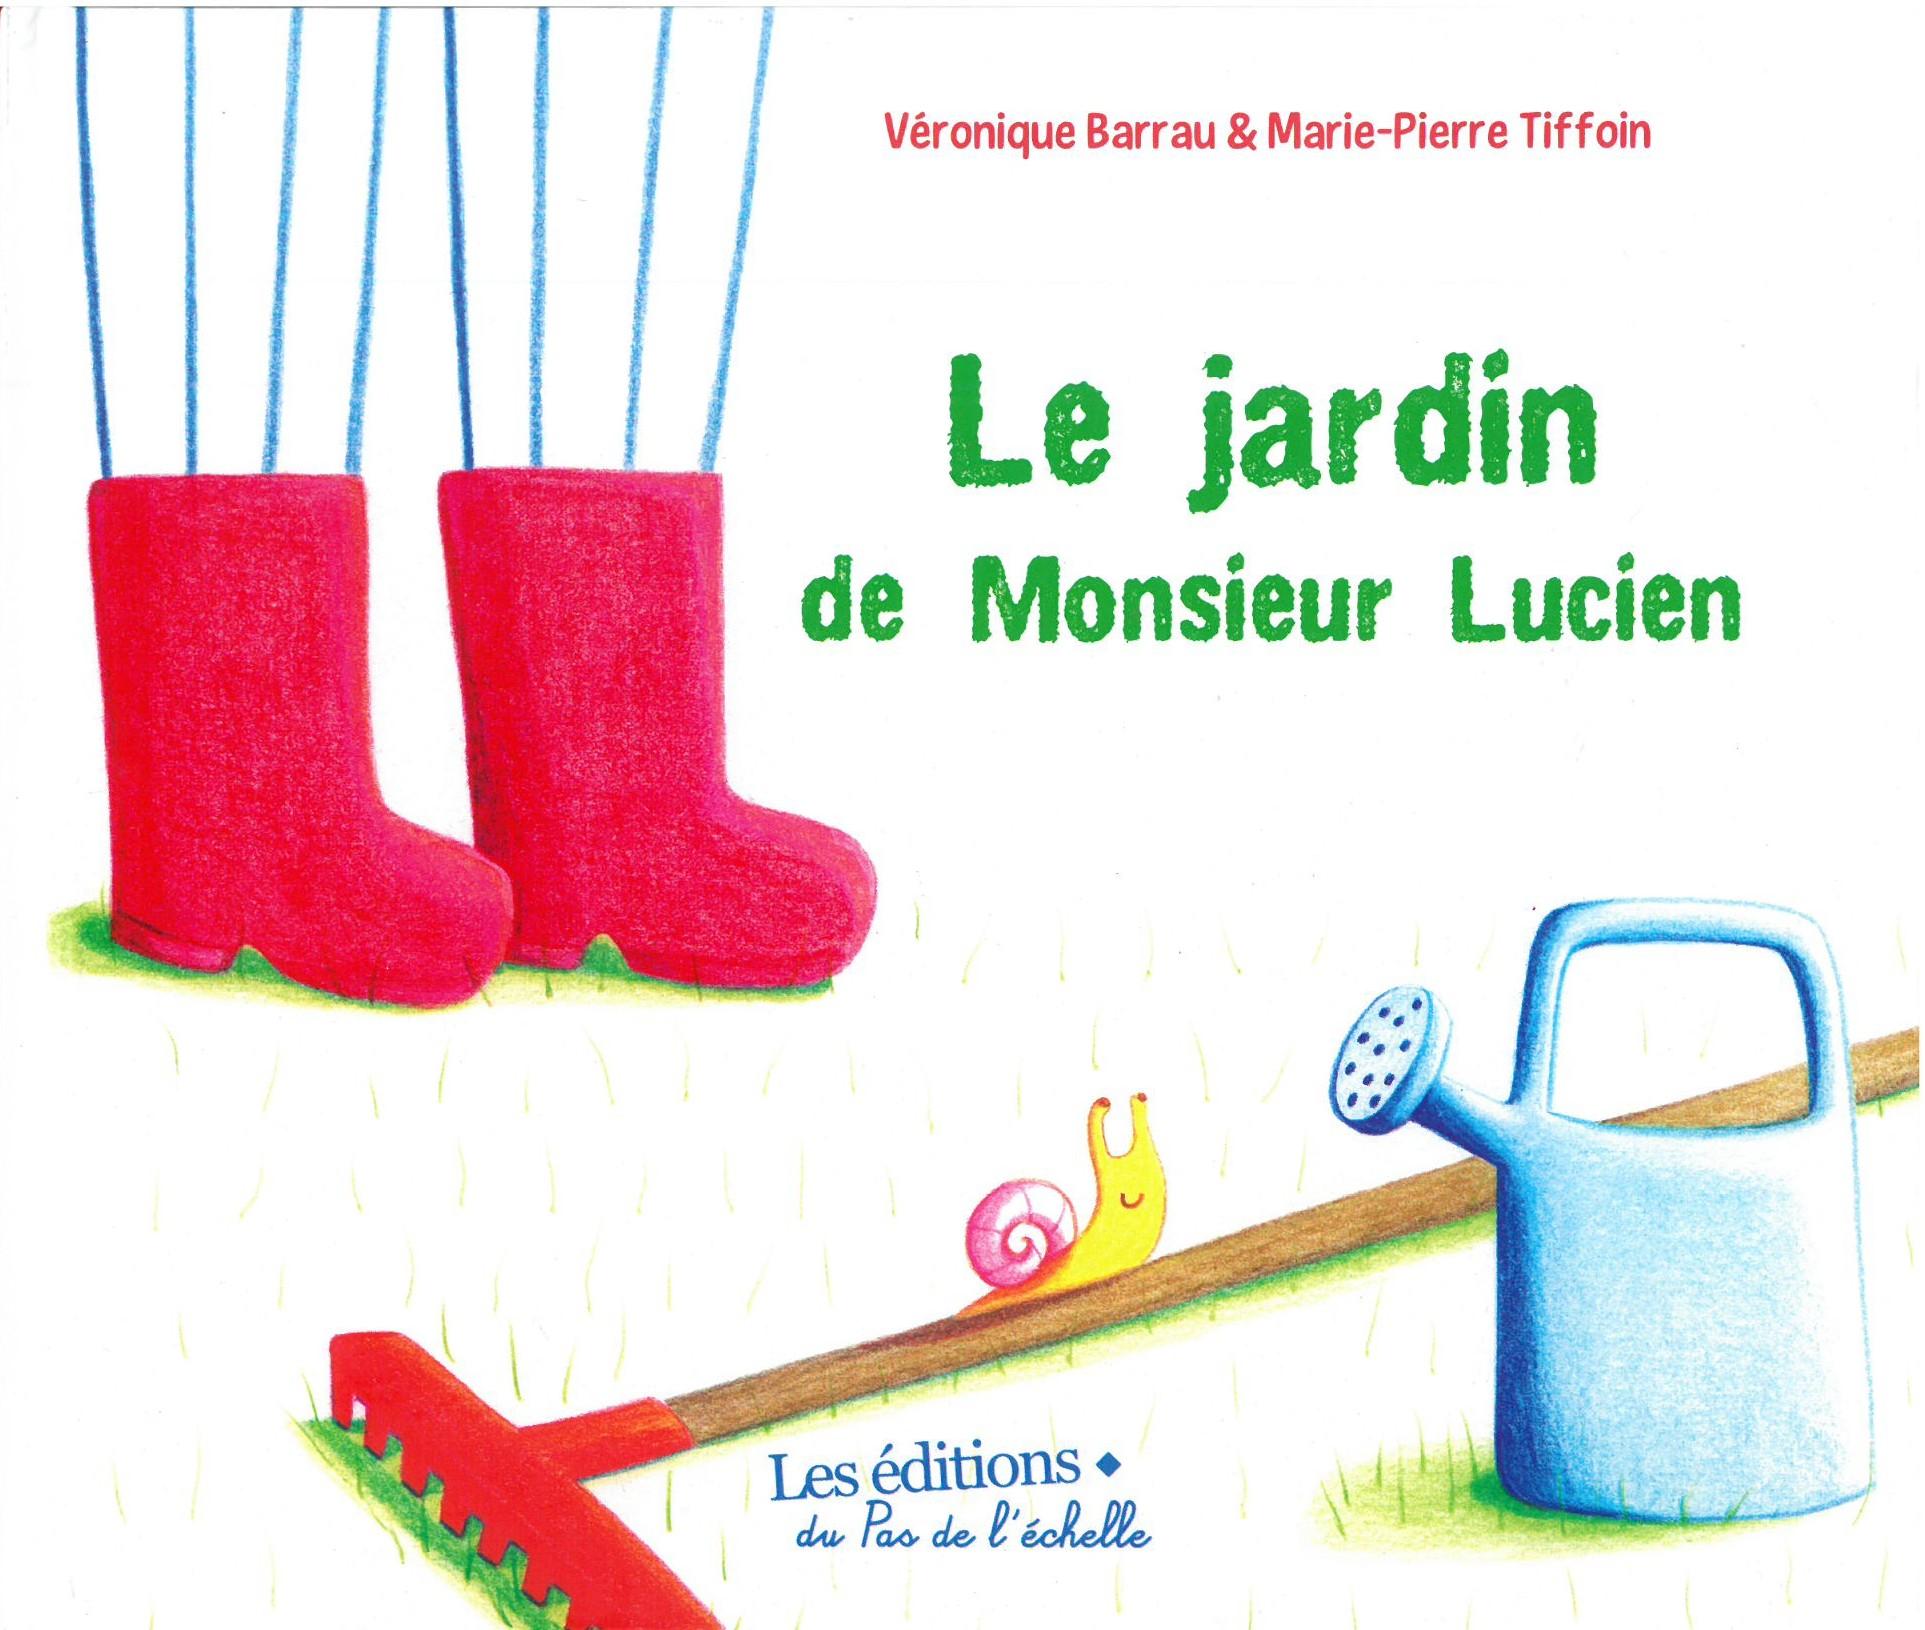 LE JARDIN DE MONSIEUR LUCIEN / ALBUMS / PAS DE L'ECHELLE